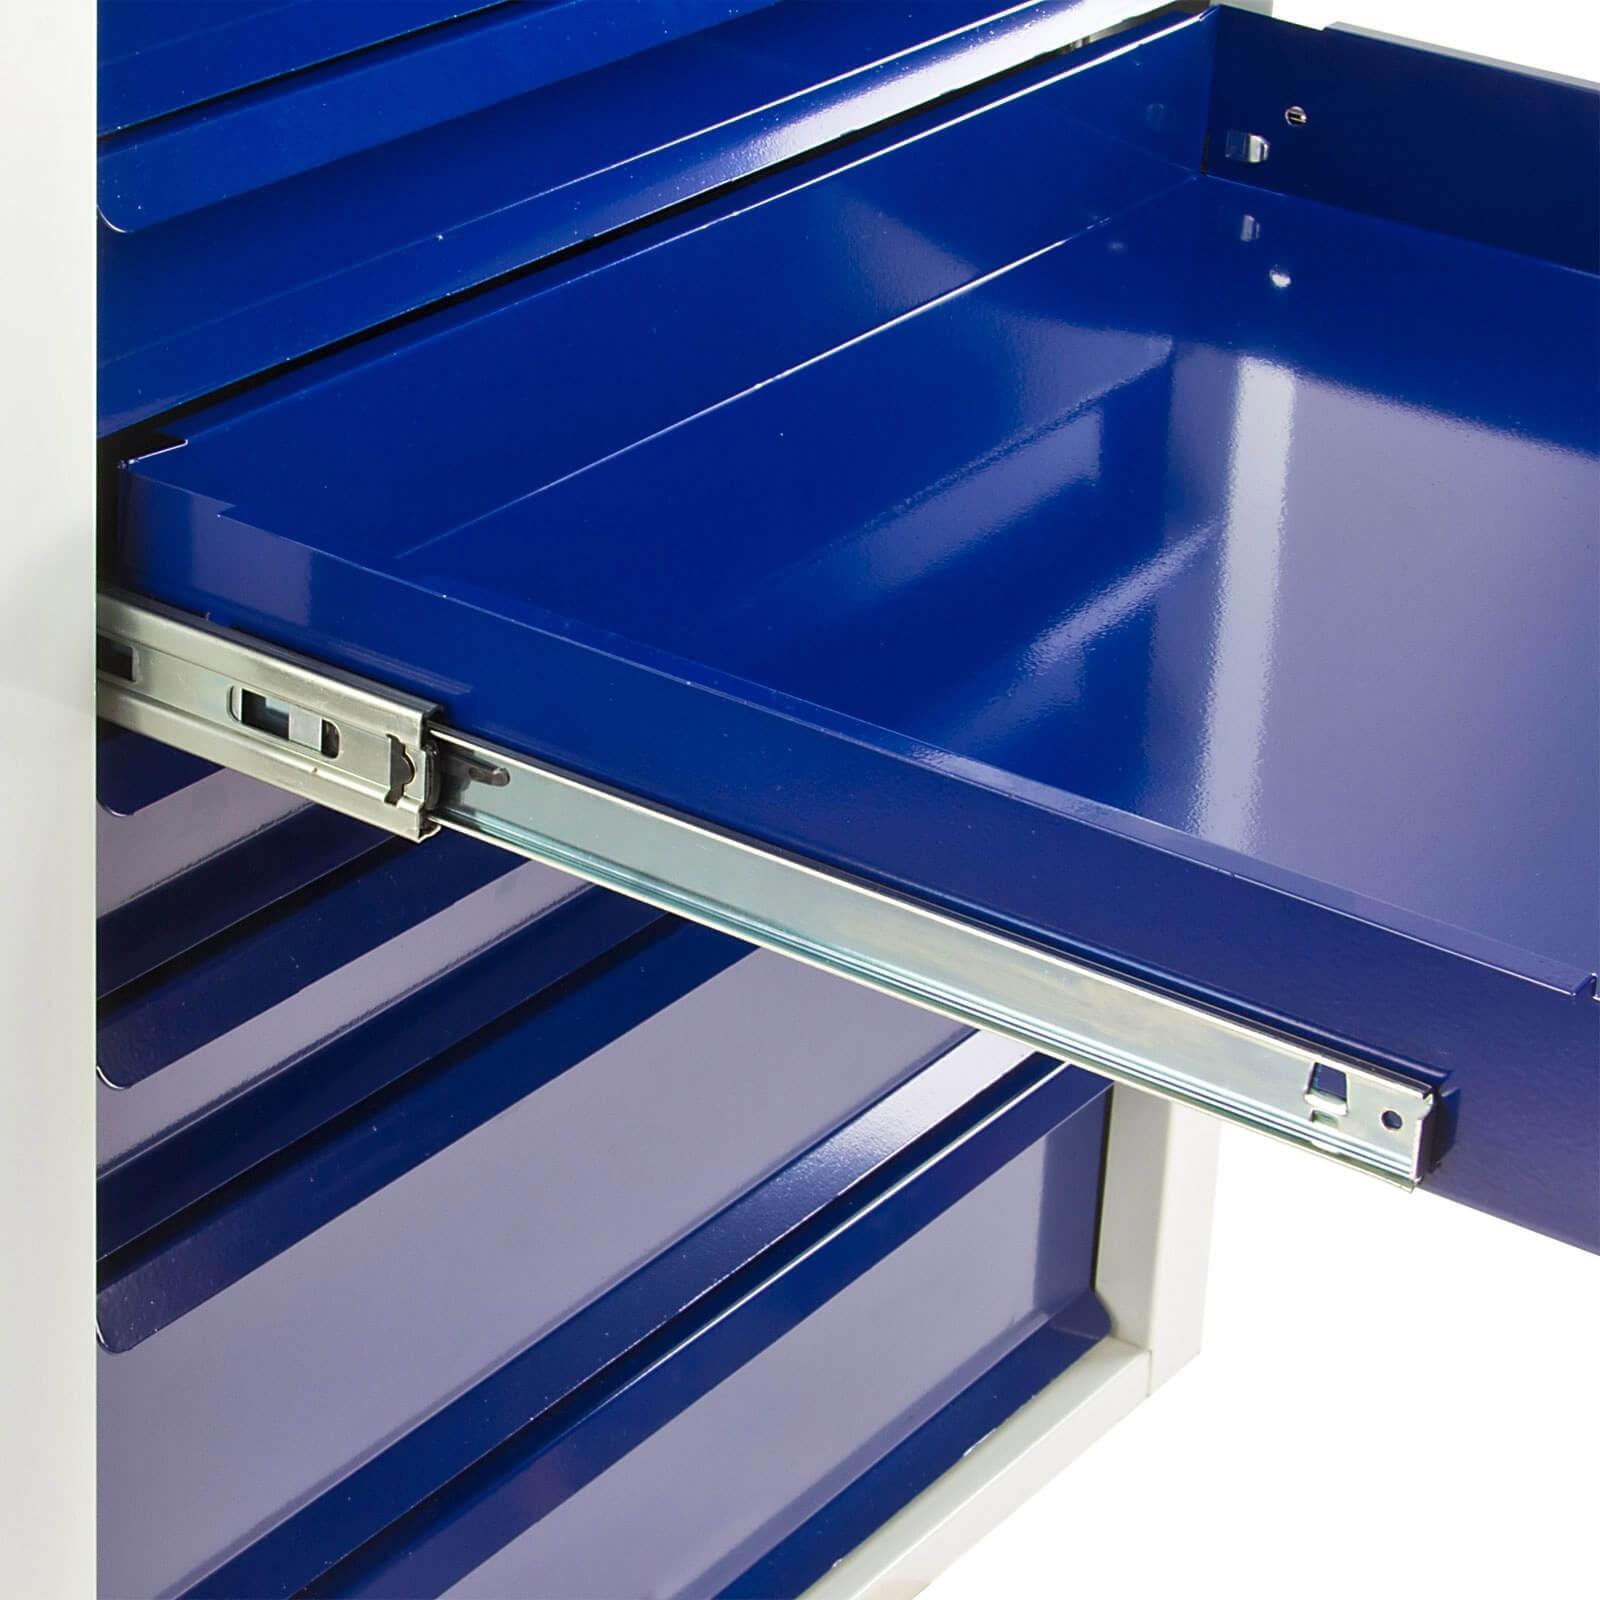 metall schubladenschrank werkzeugschrank fernando maxi 8 schubladen grau blau. Black Bedroom Furniture Sets. Home Design Ideas